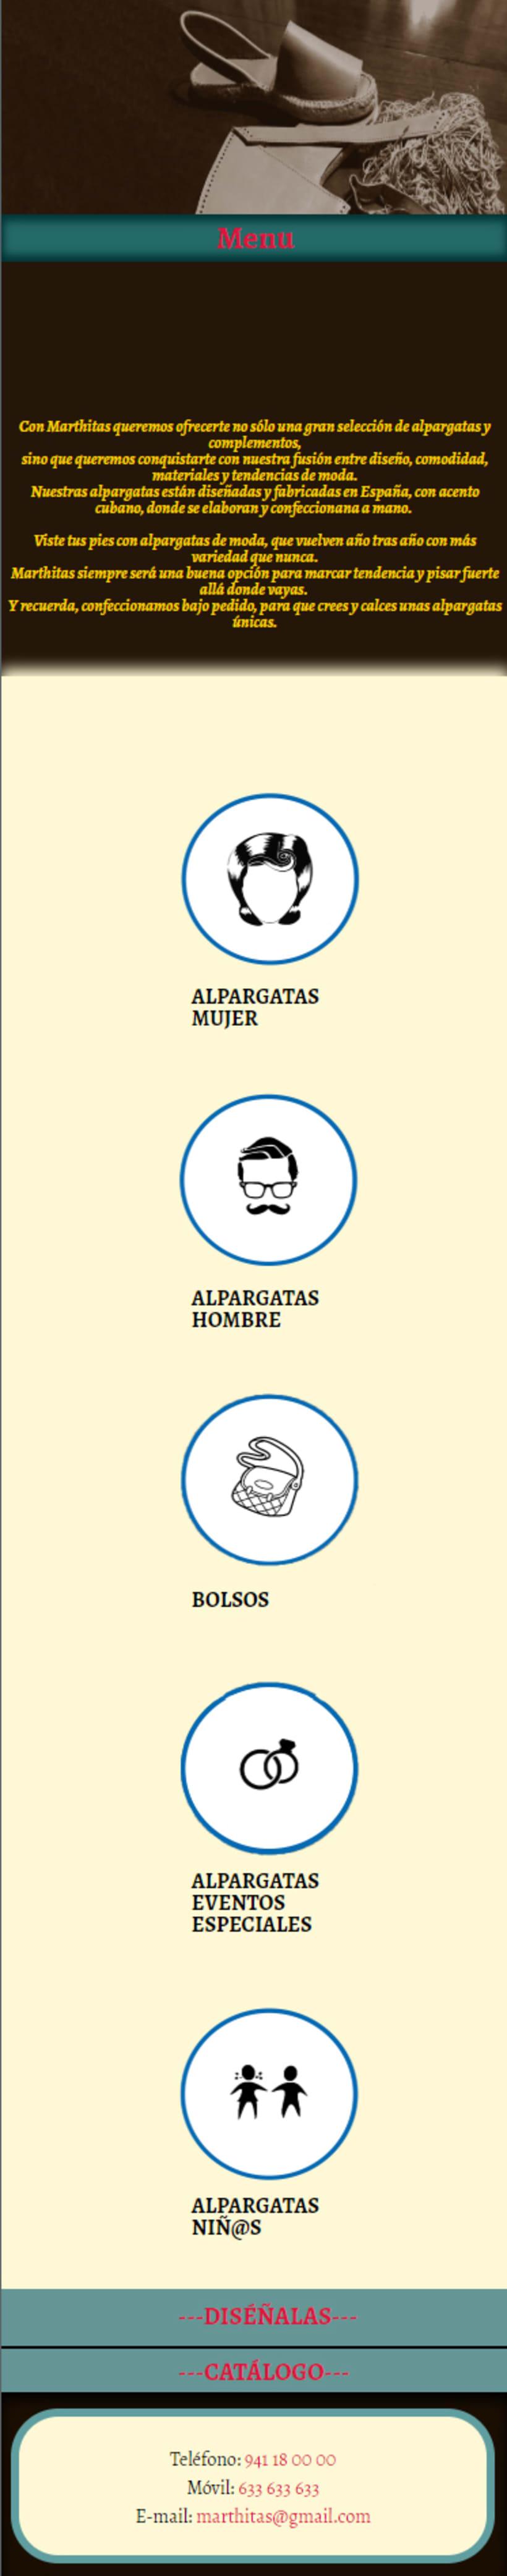 Mi Proyecto del curso: Introducción al Desarrollo Web Responsive con HTML y CSS. 0